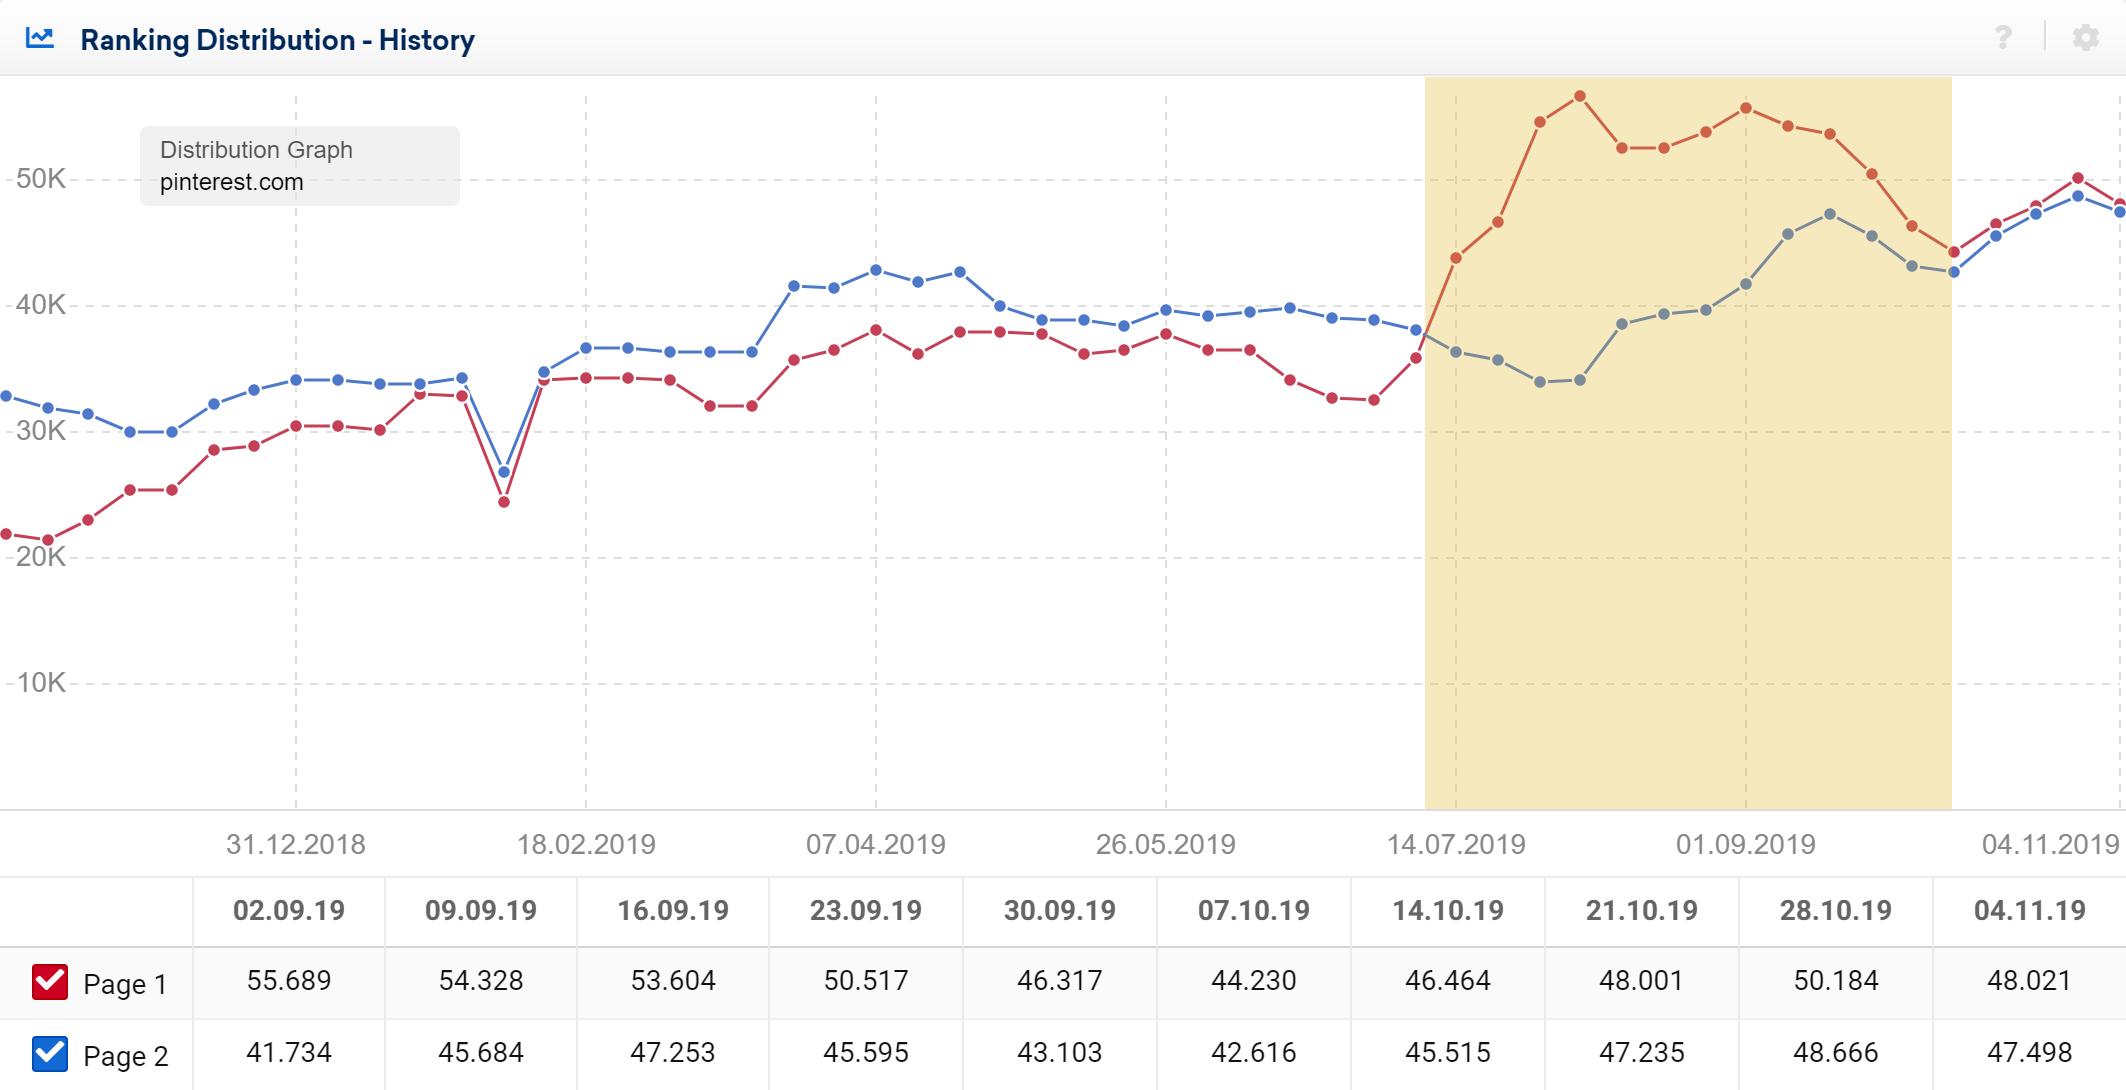 Gráfico de distribución de los rankings para pinterest.com